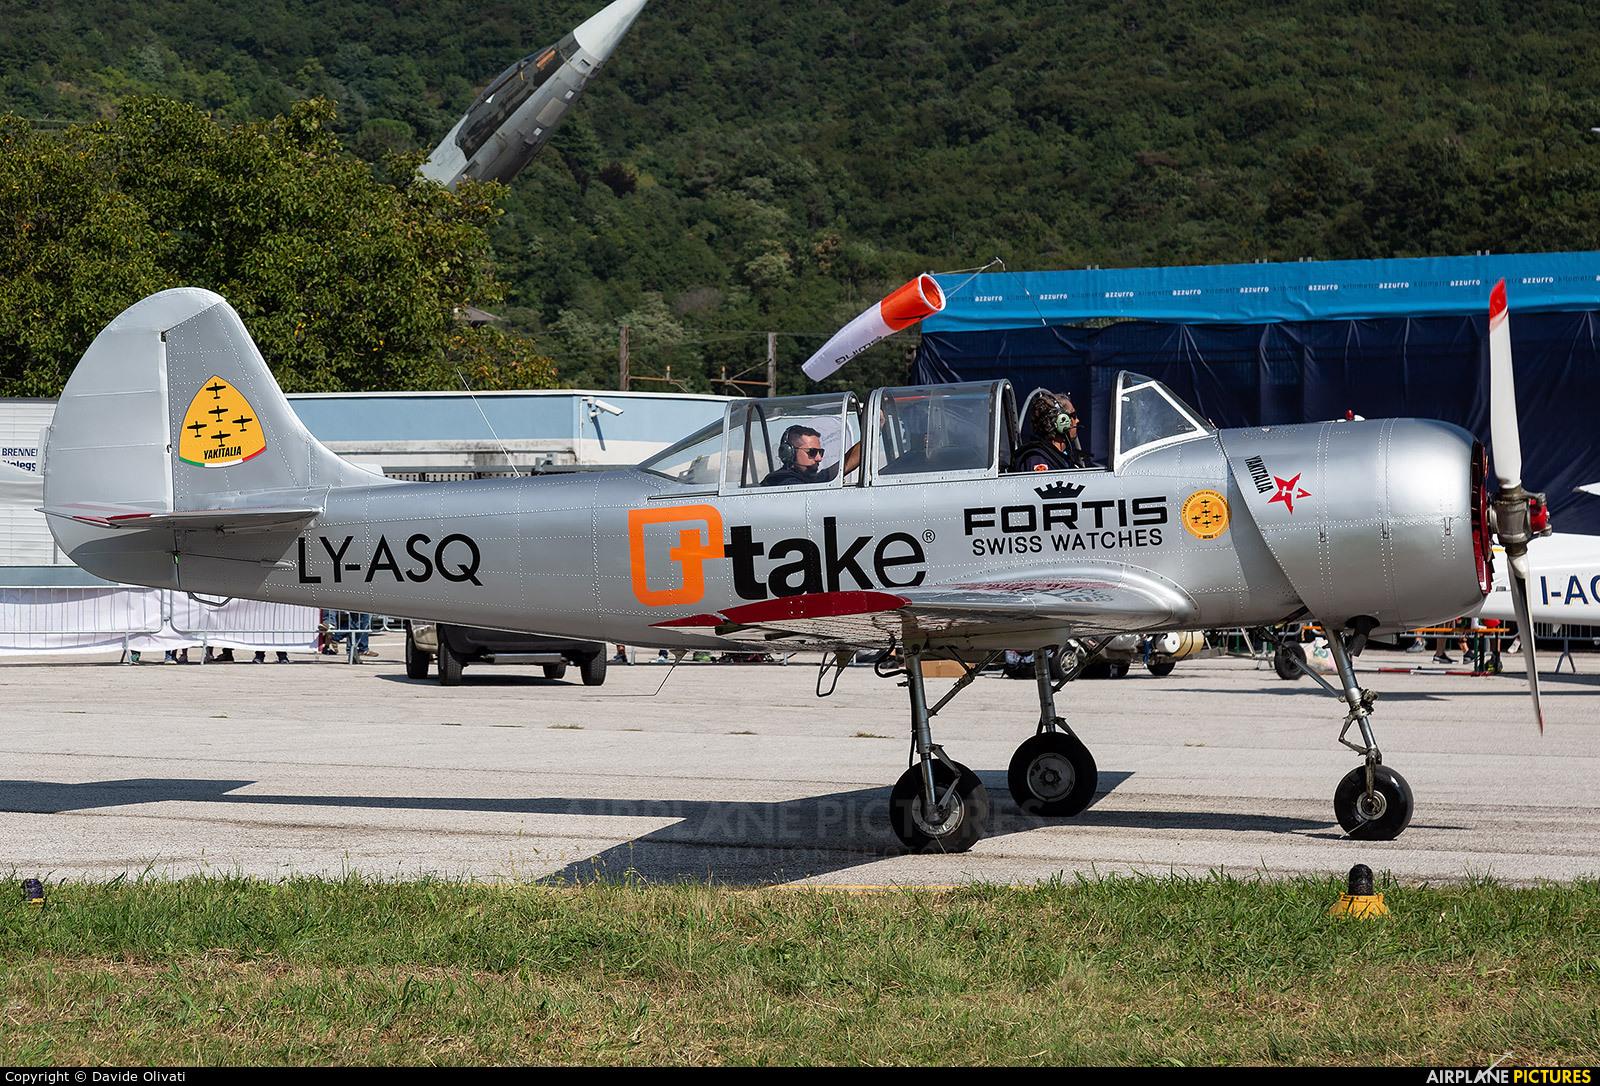 Private LY-ASQ aircraft at Trento - Mattarello